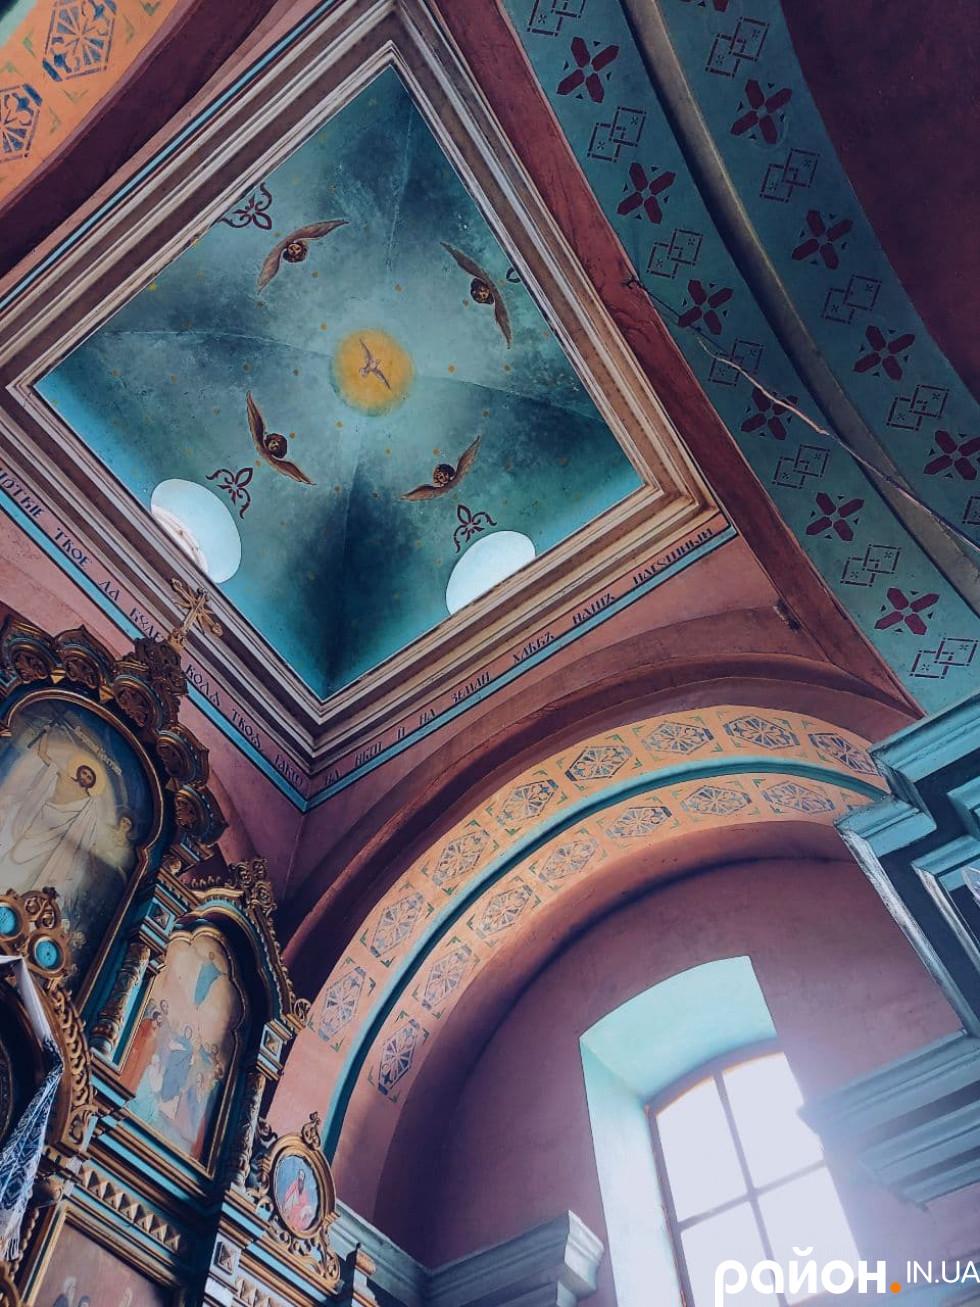 Церква у Кисилині. Настельні трафарети тут гарні, але «нерідні»